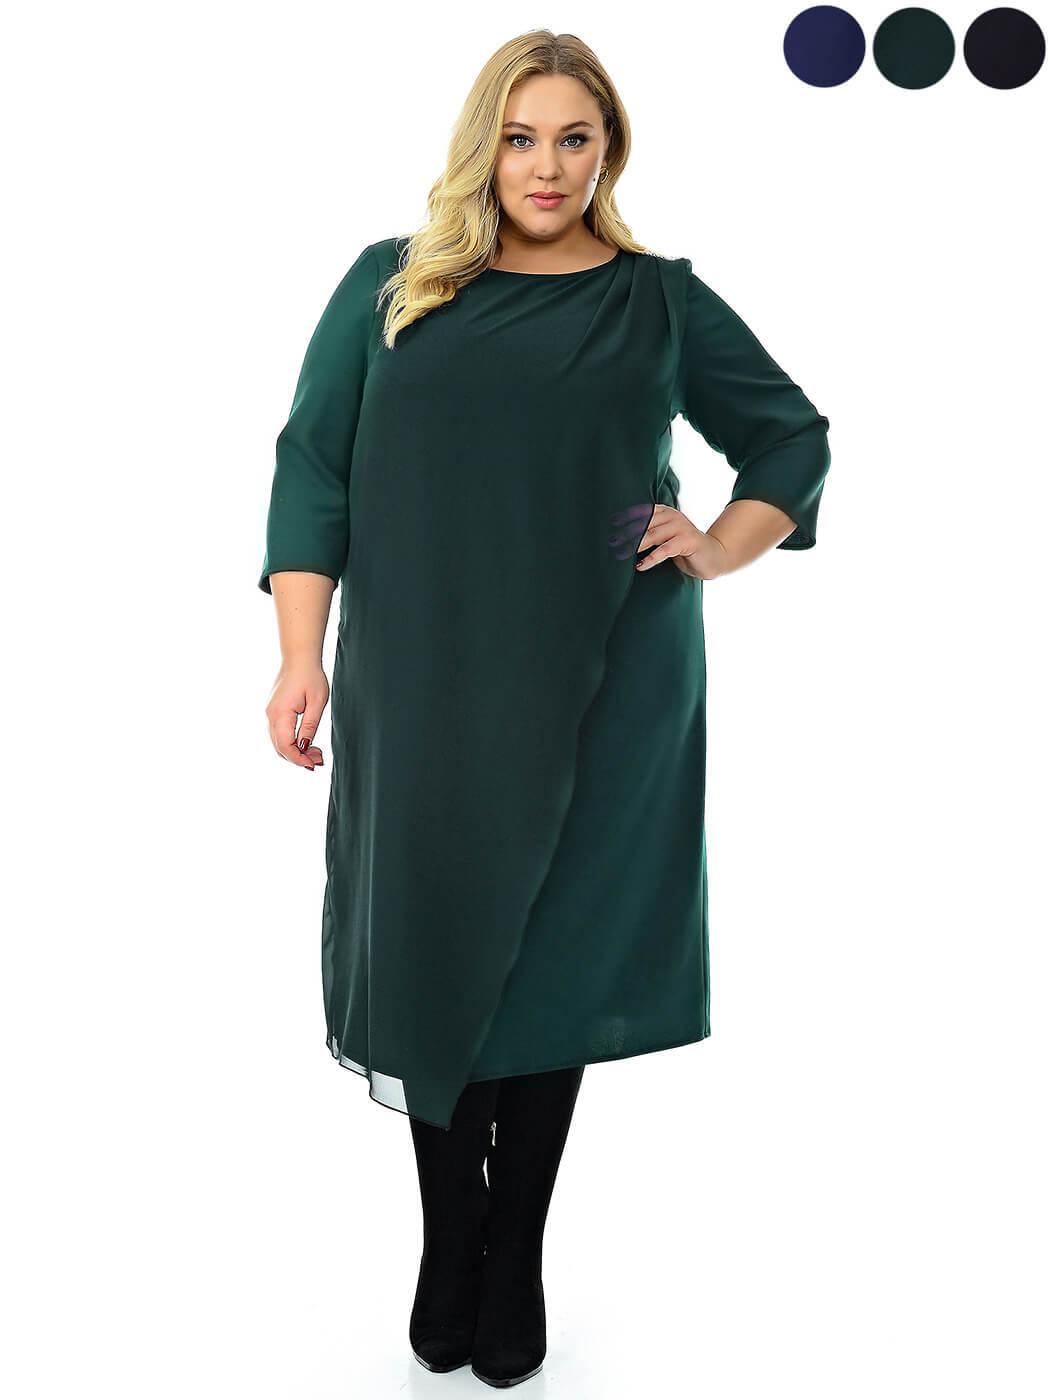 Зеленое нарядное платье купить большие размеры